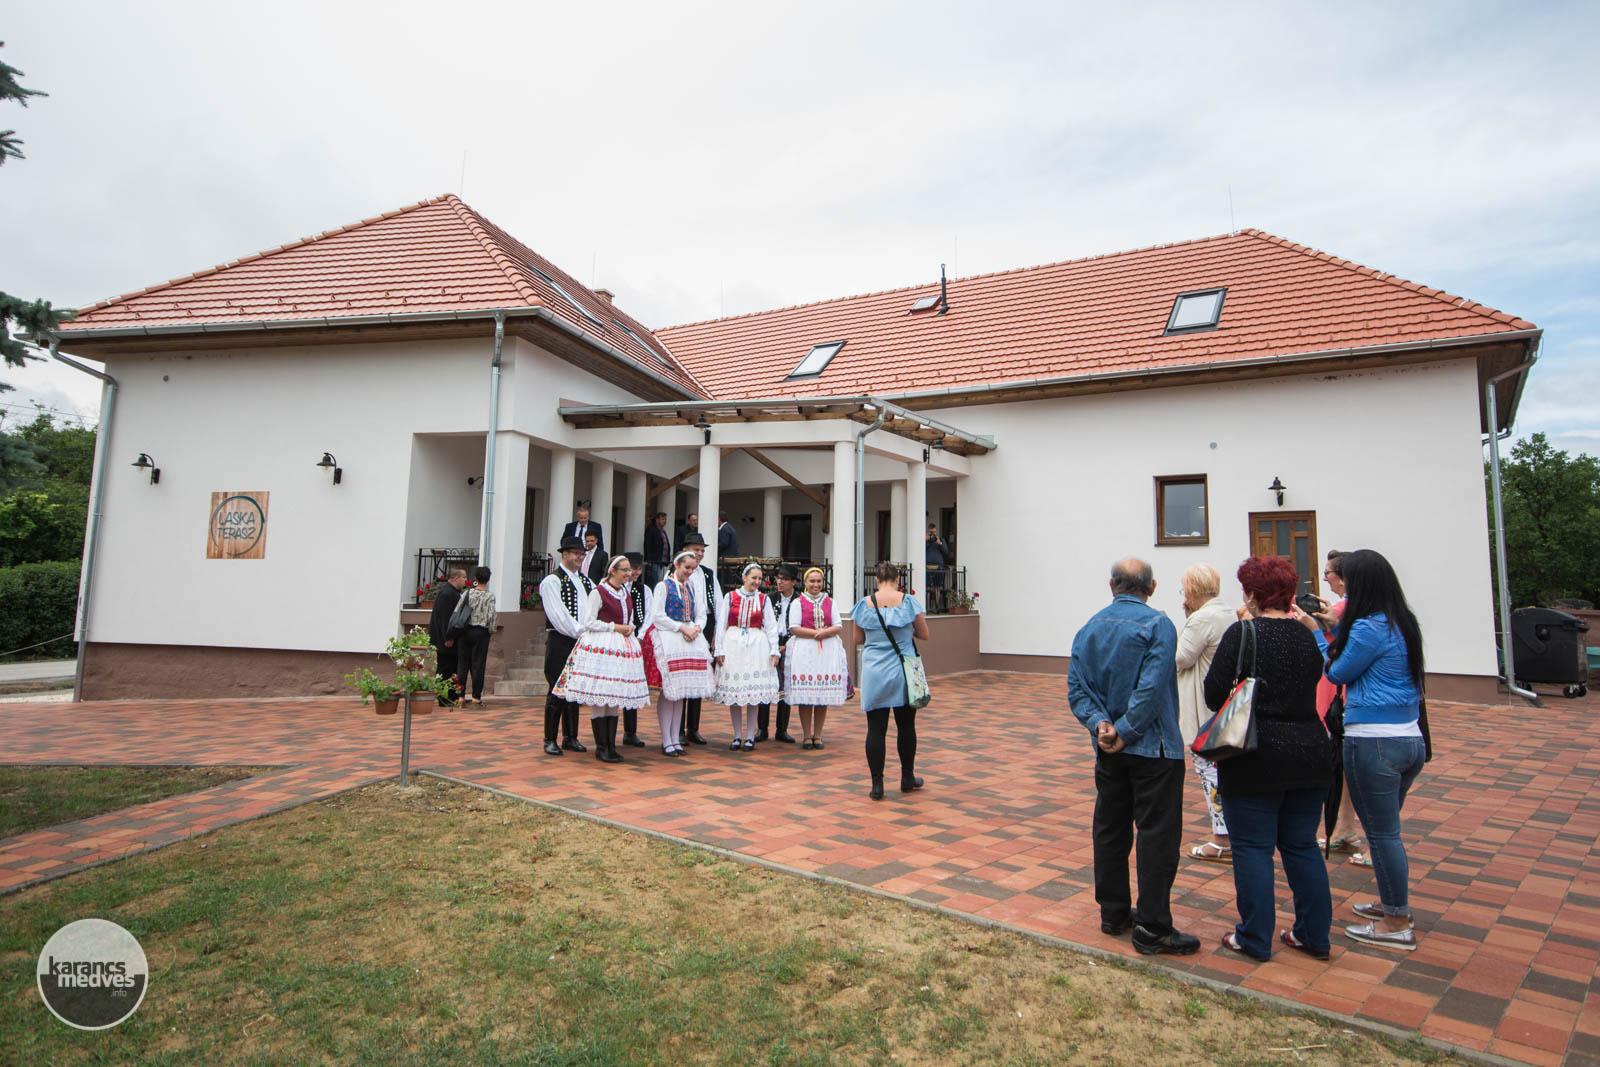 karancs-medves.info fotó: Ünnepélyes keretek között nyitották meg a Laska Teraszt Kazáron